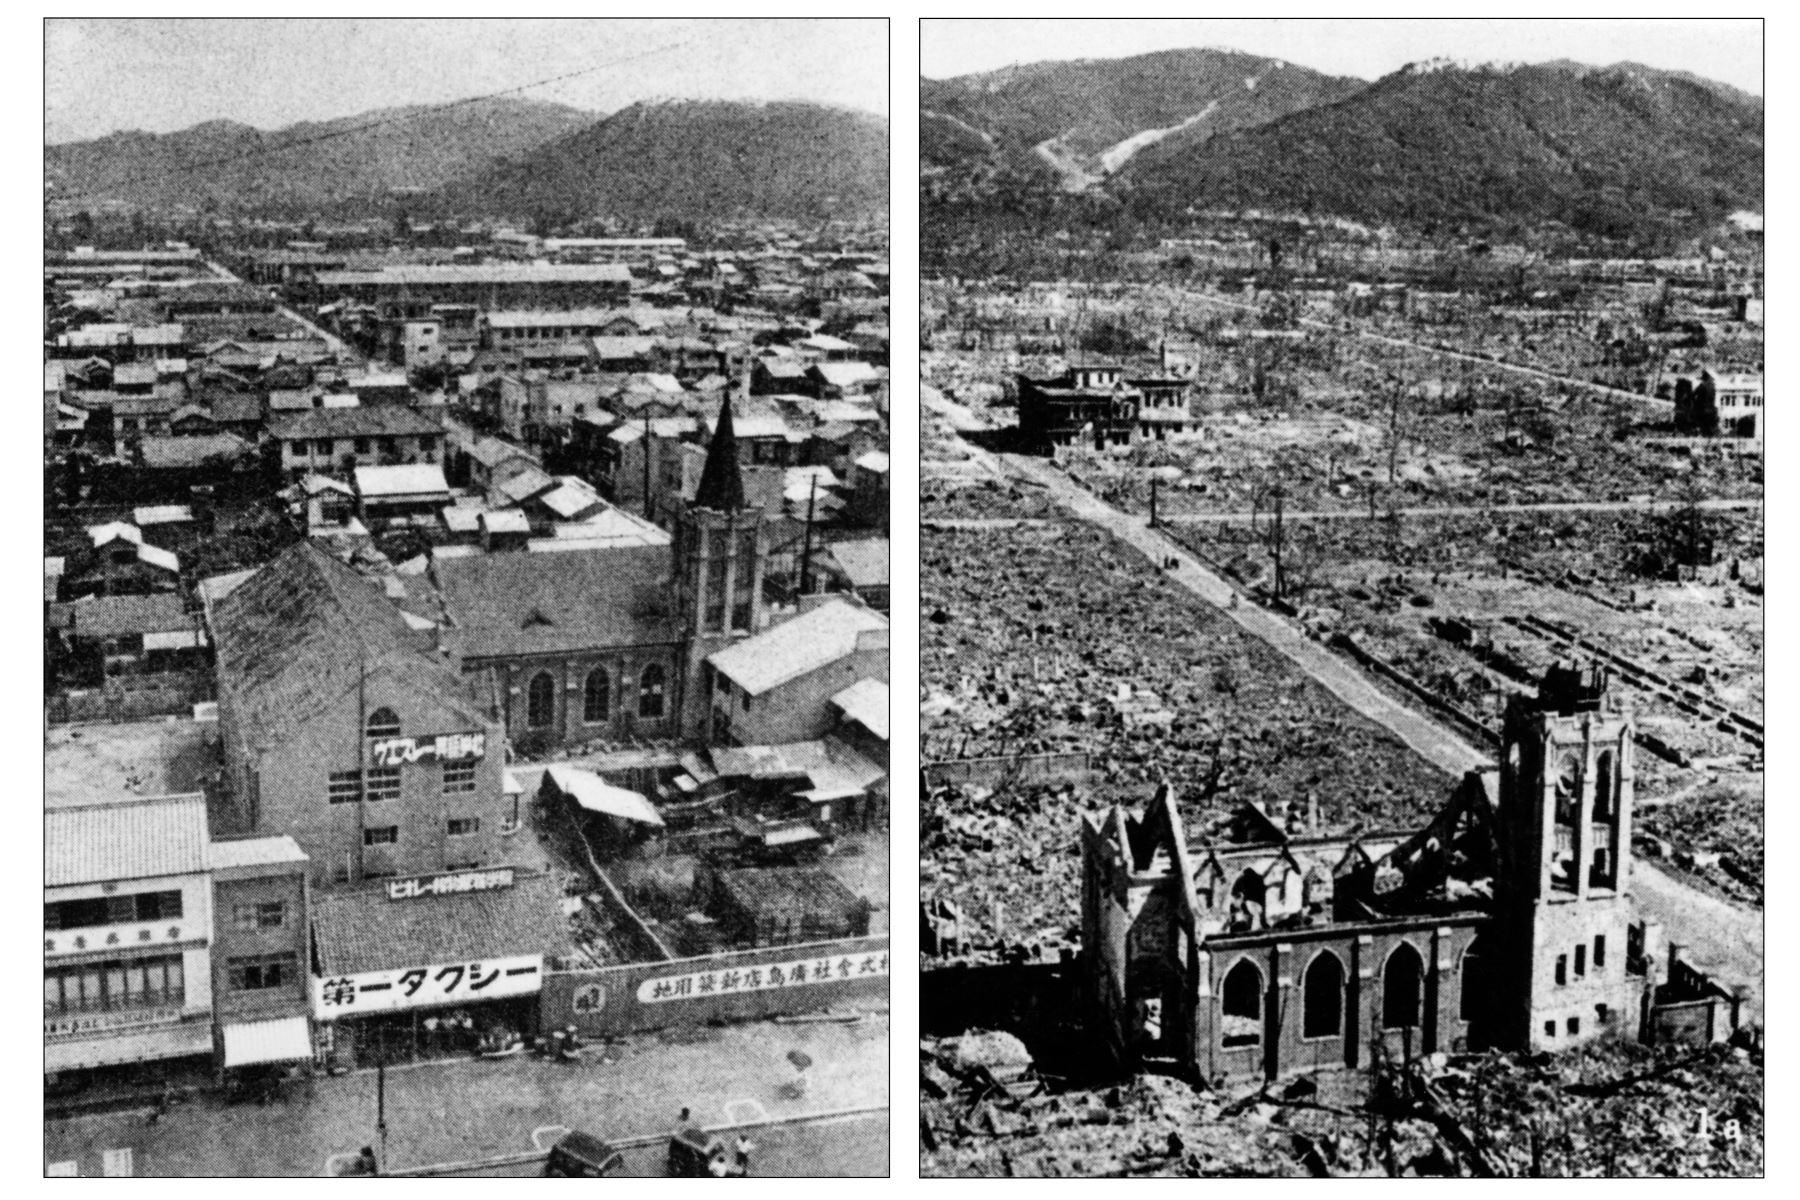 Archivos con fecha de 1945 de la devastada ciudad de Hiroshima antes y después de la caída de la primera bomba atómica por la Fuerza Aérea de los EE. UU. B-29, 06 de agosto de 1945. Alrededor de 140,000 personas, más de la mitad de la población de Hiroshima, falleció en el primer bombardeo atómico. Foto: AFP